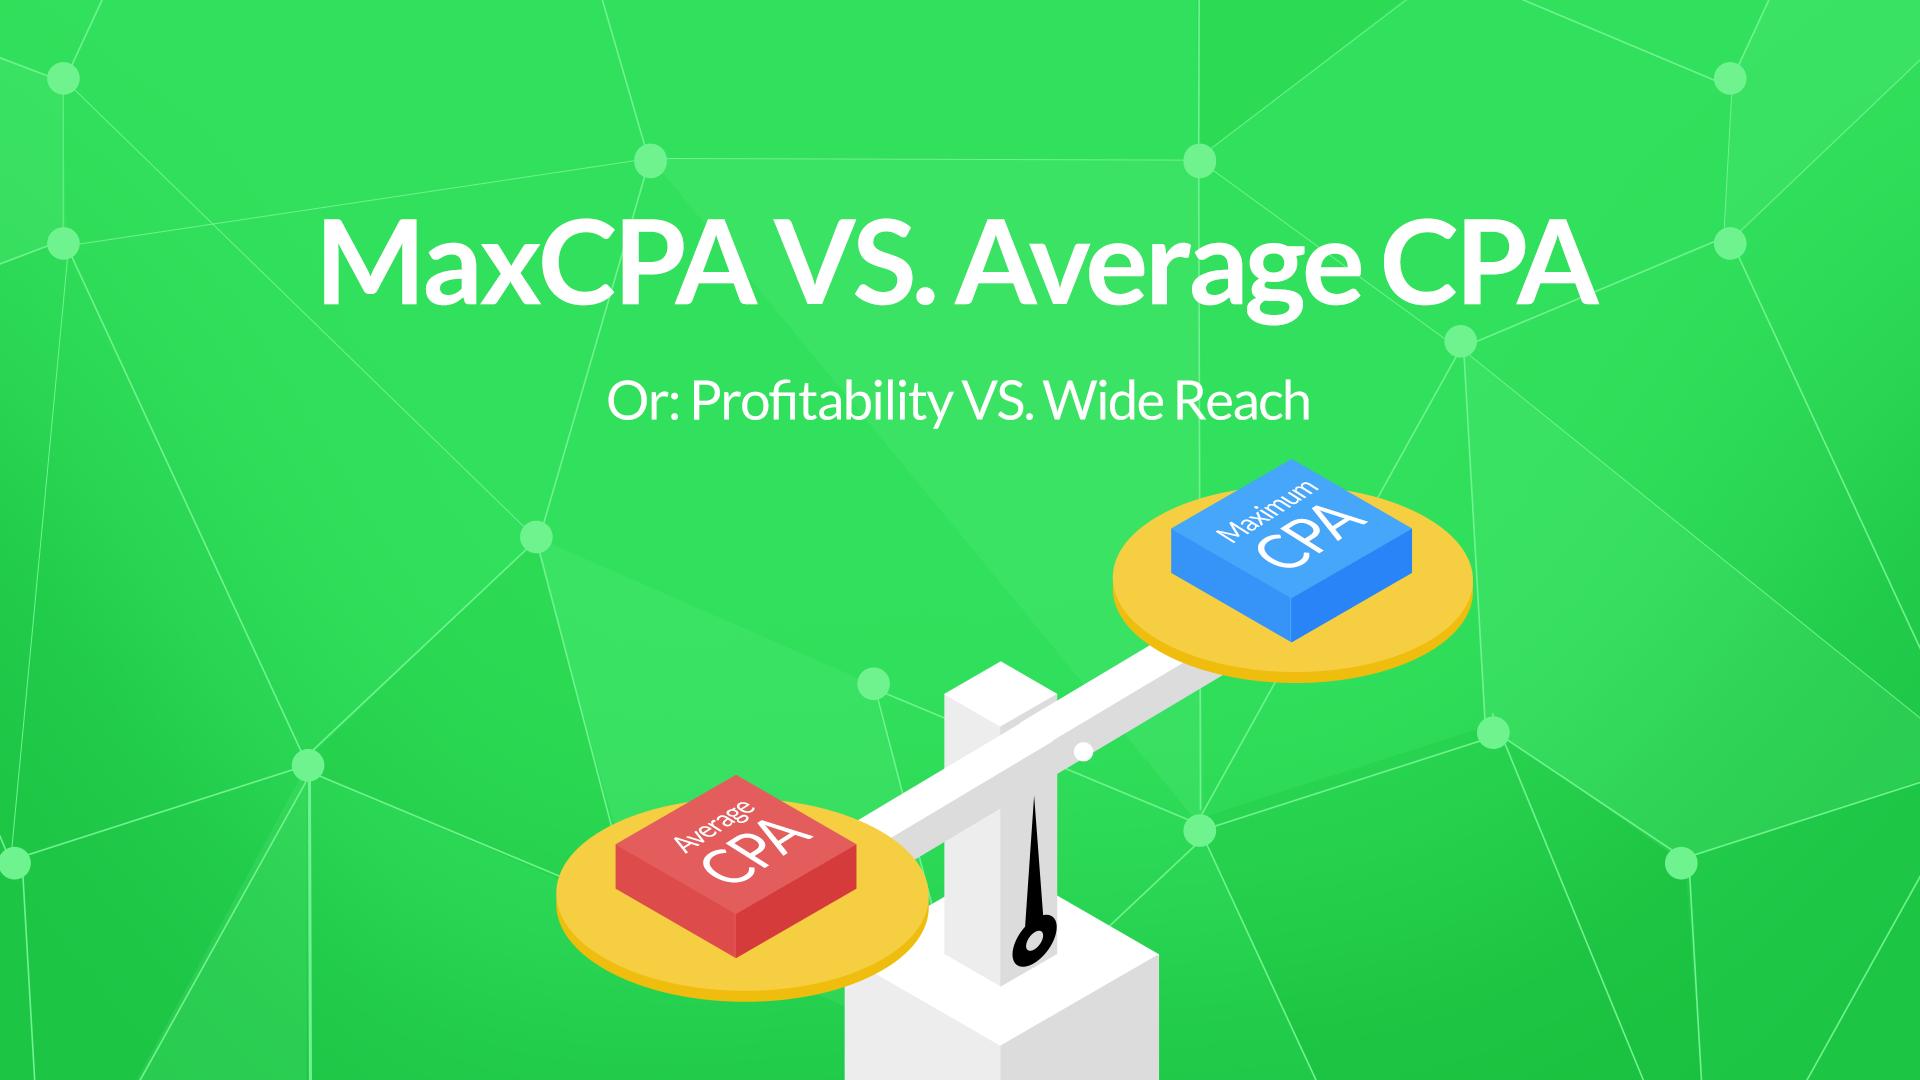 Max CPA vs Average CPA